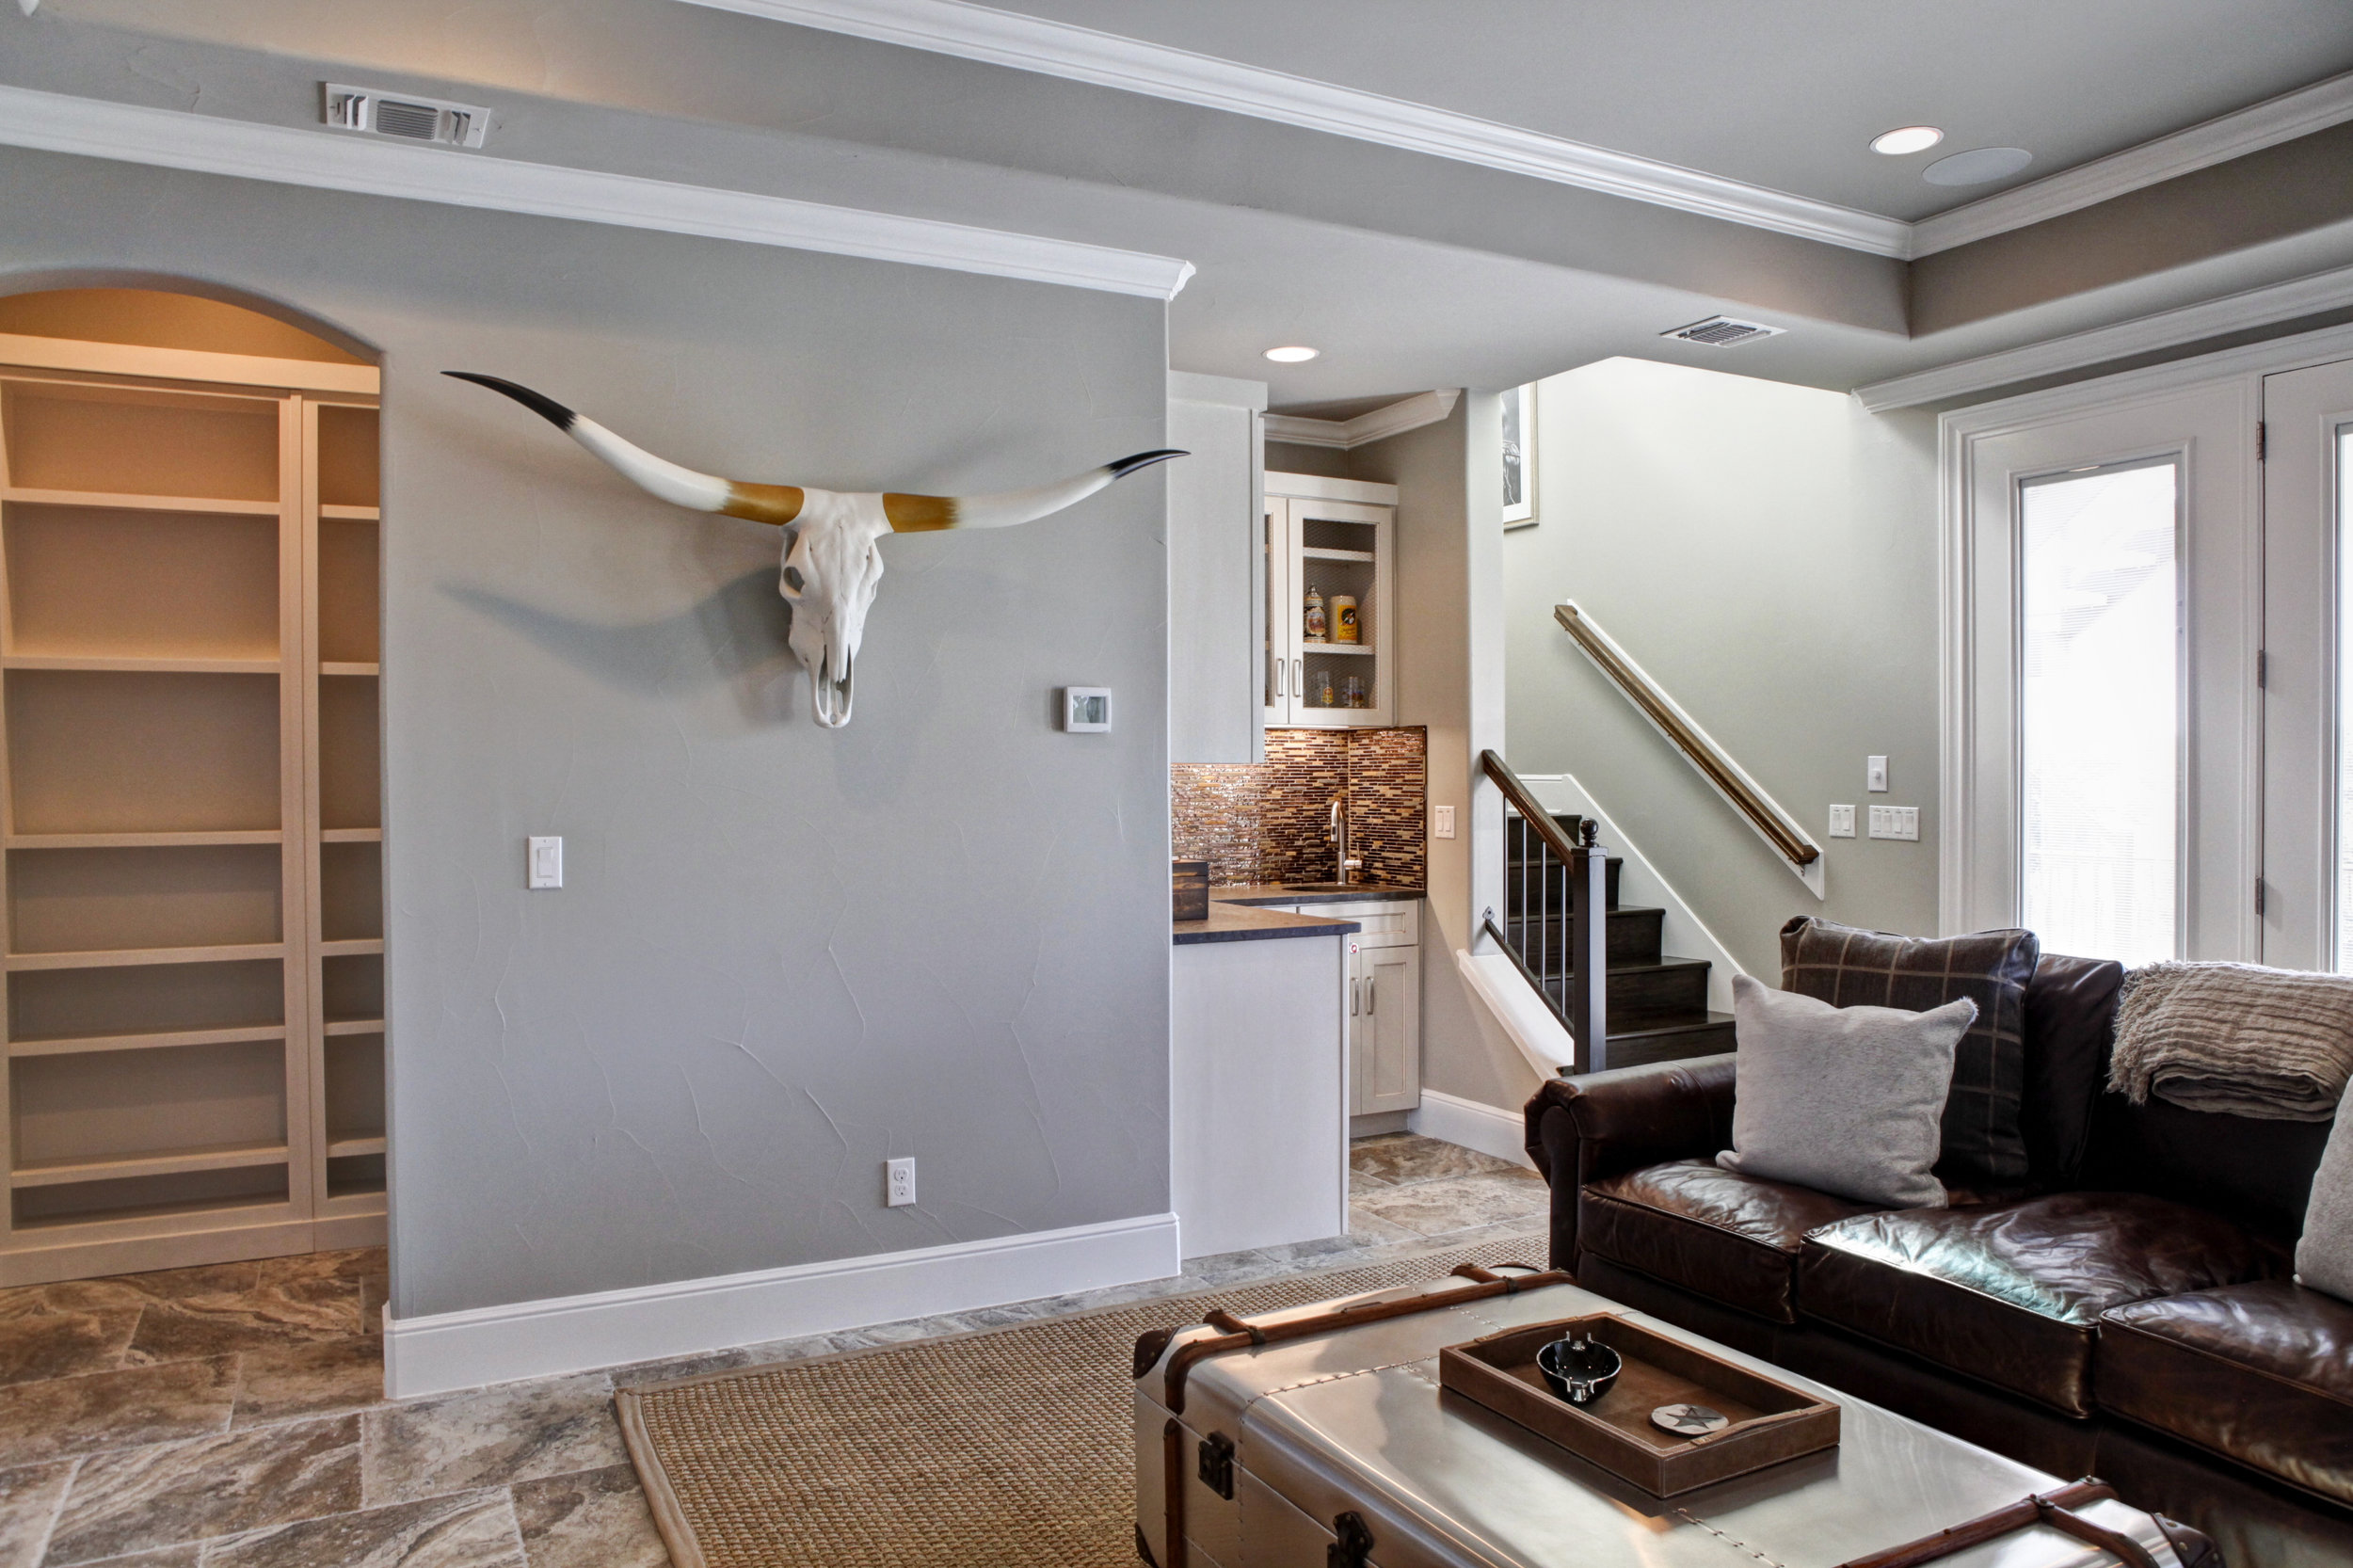 55-living room - down - 2.jpg